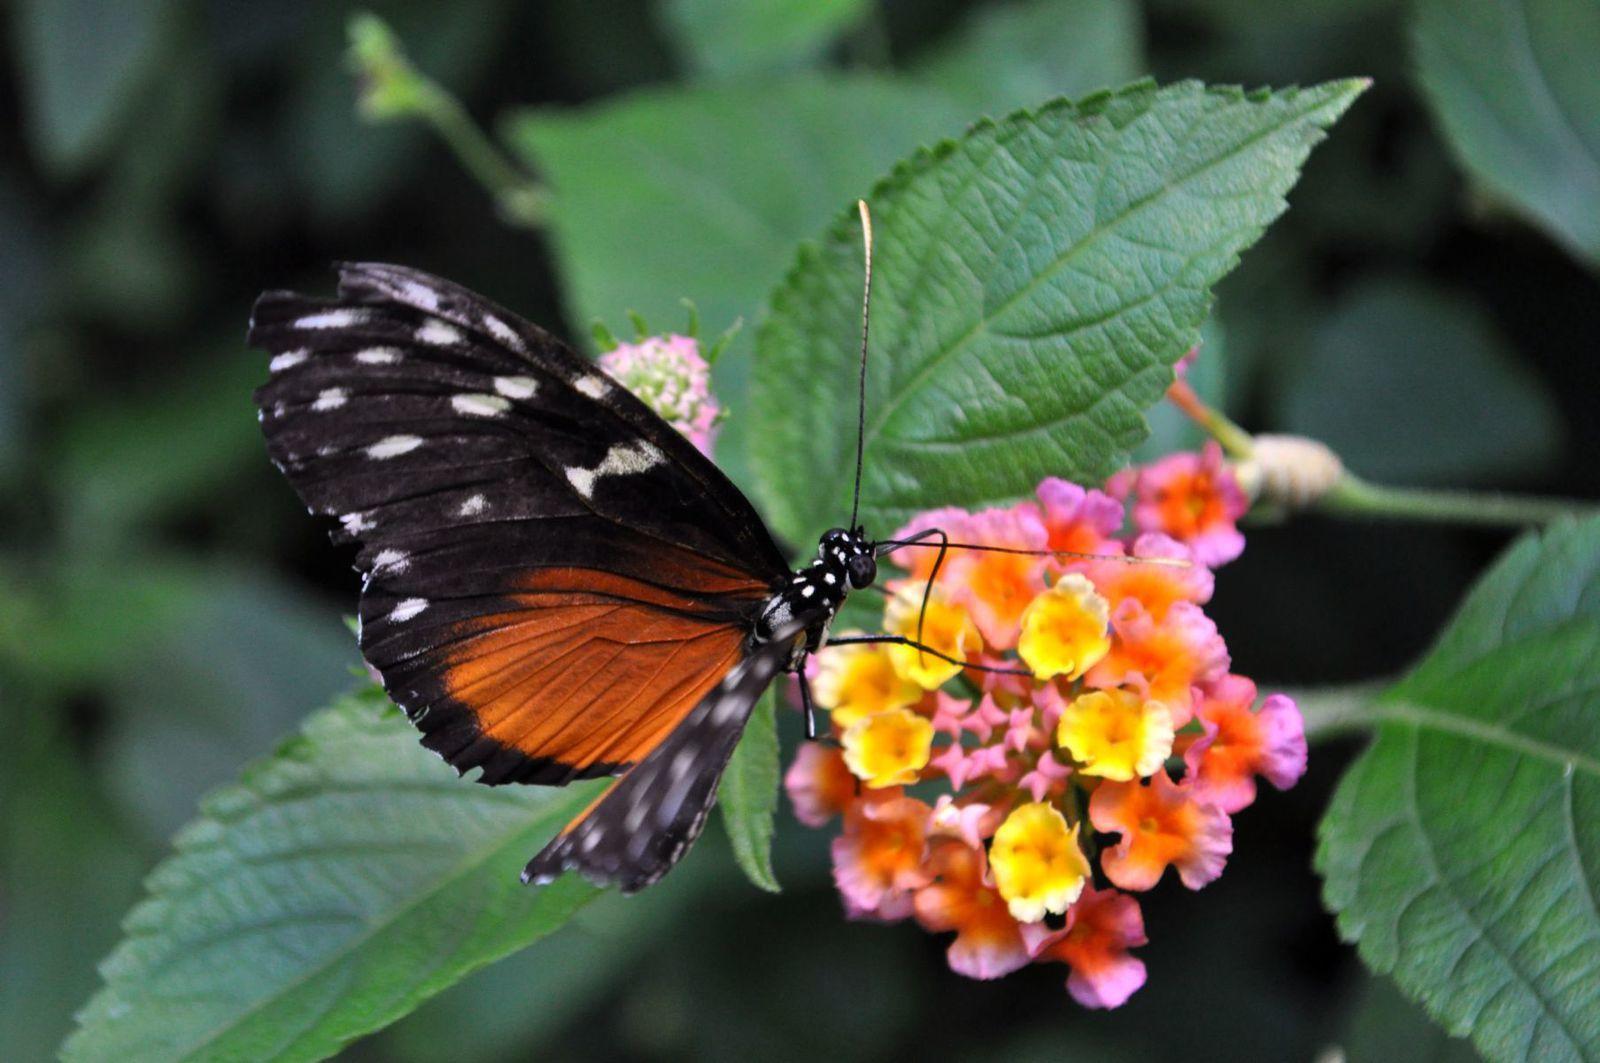 Sur la fleur dans une serre à papillons exotiques ©Roger Puff